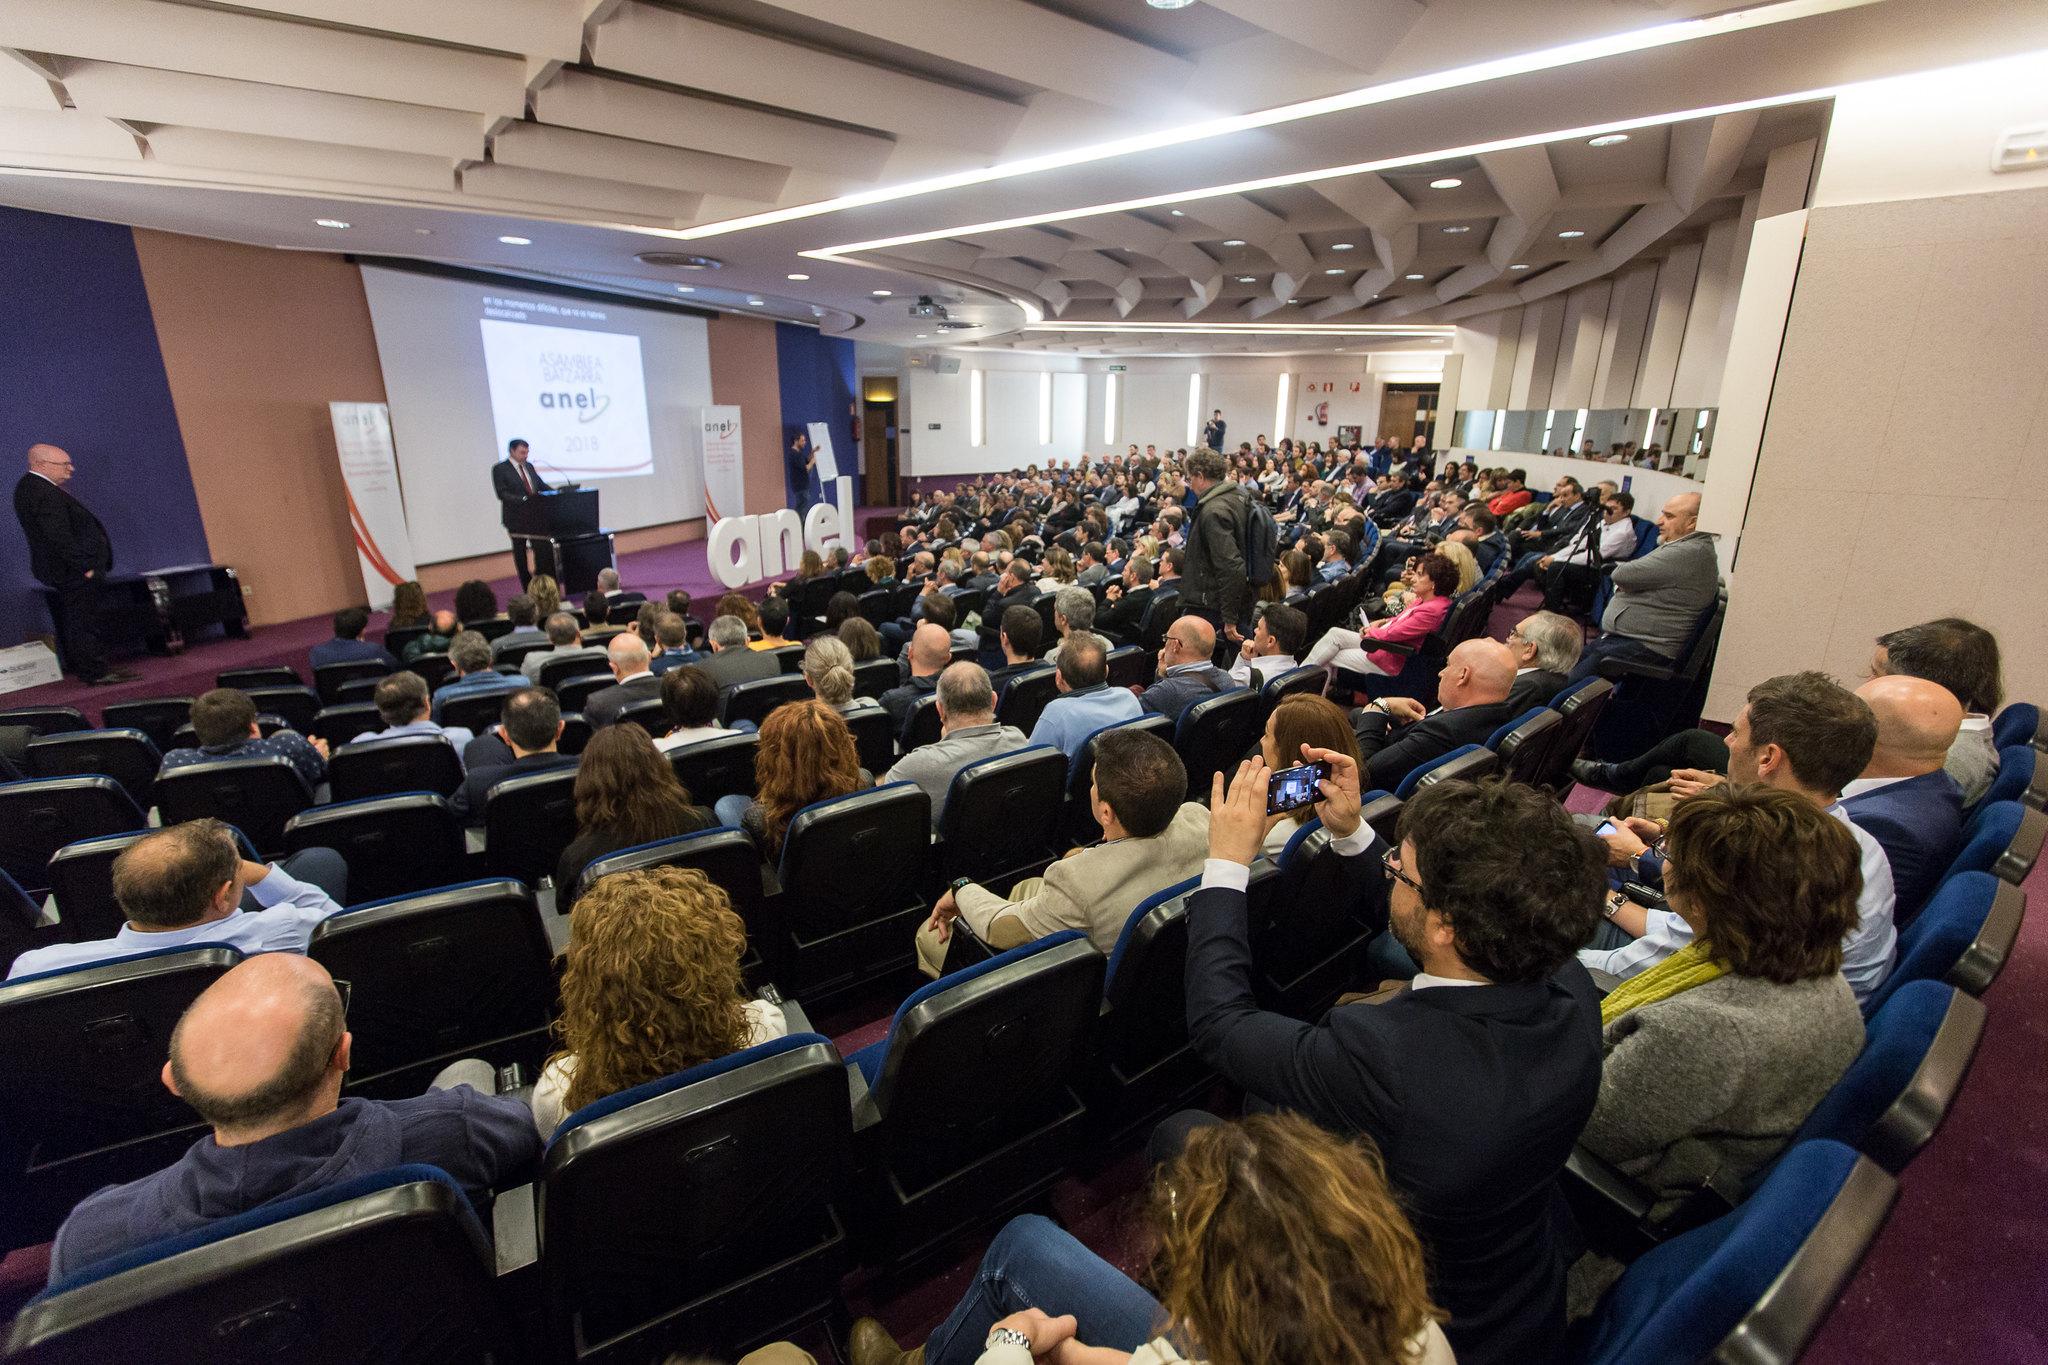 Asamblea de Anel 2018